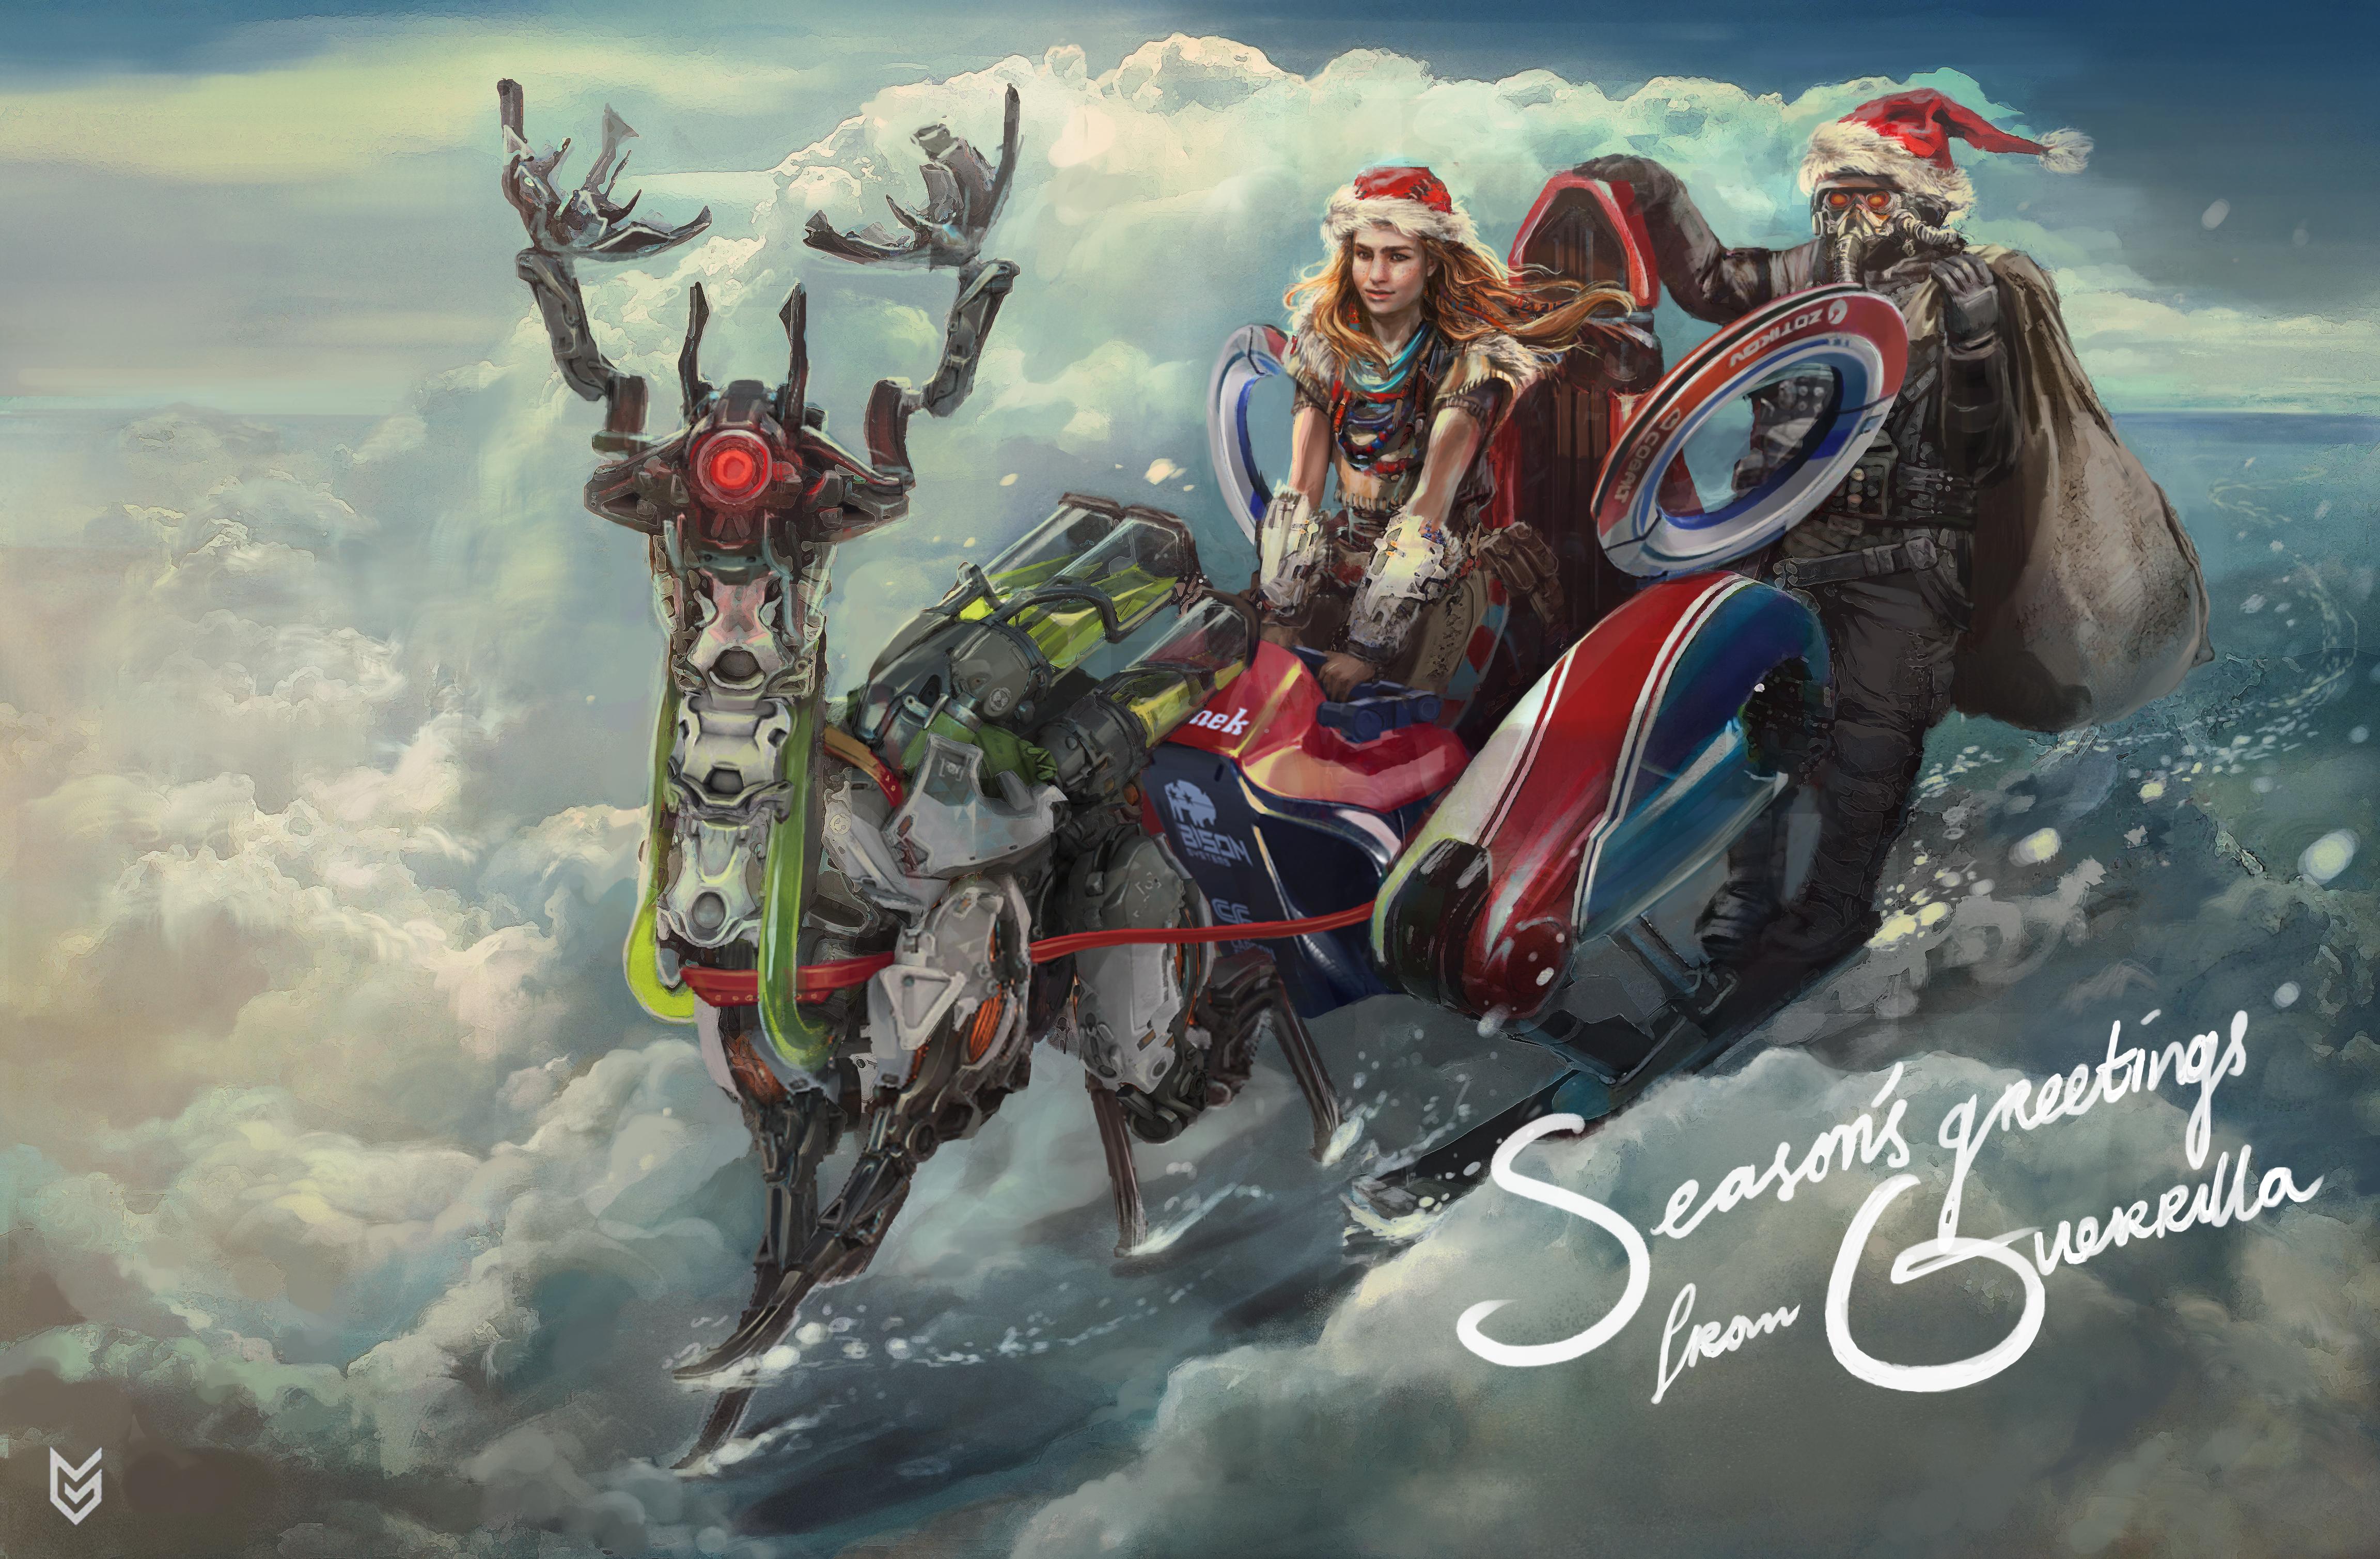 Vánoční přání z herního světa 117559